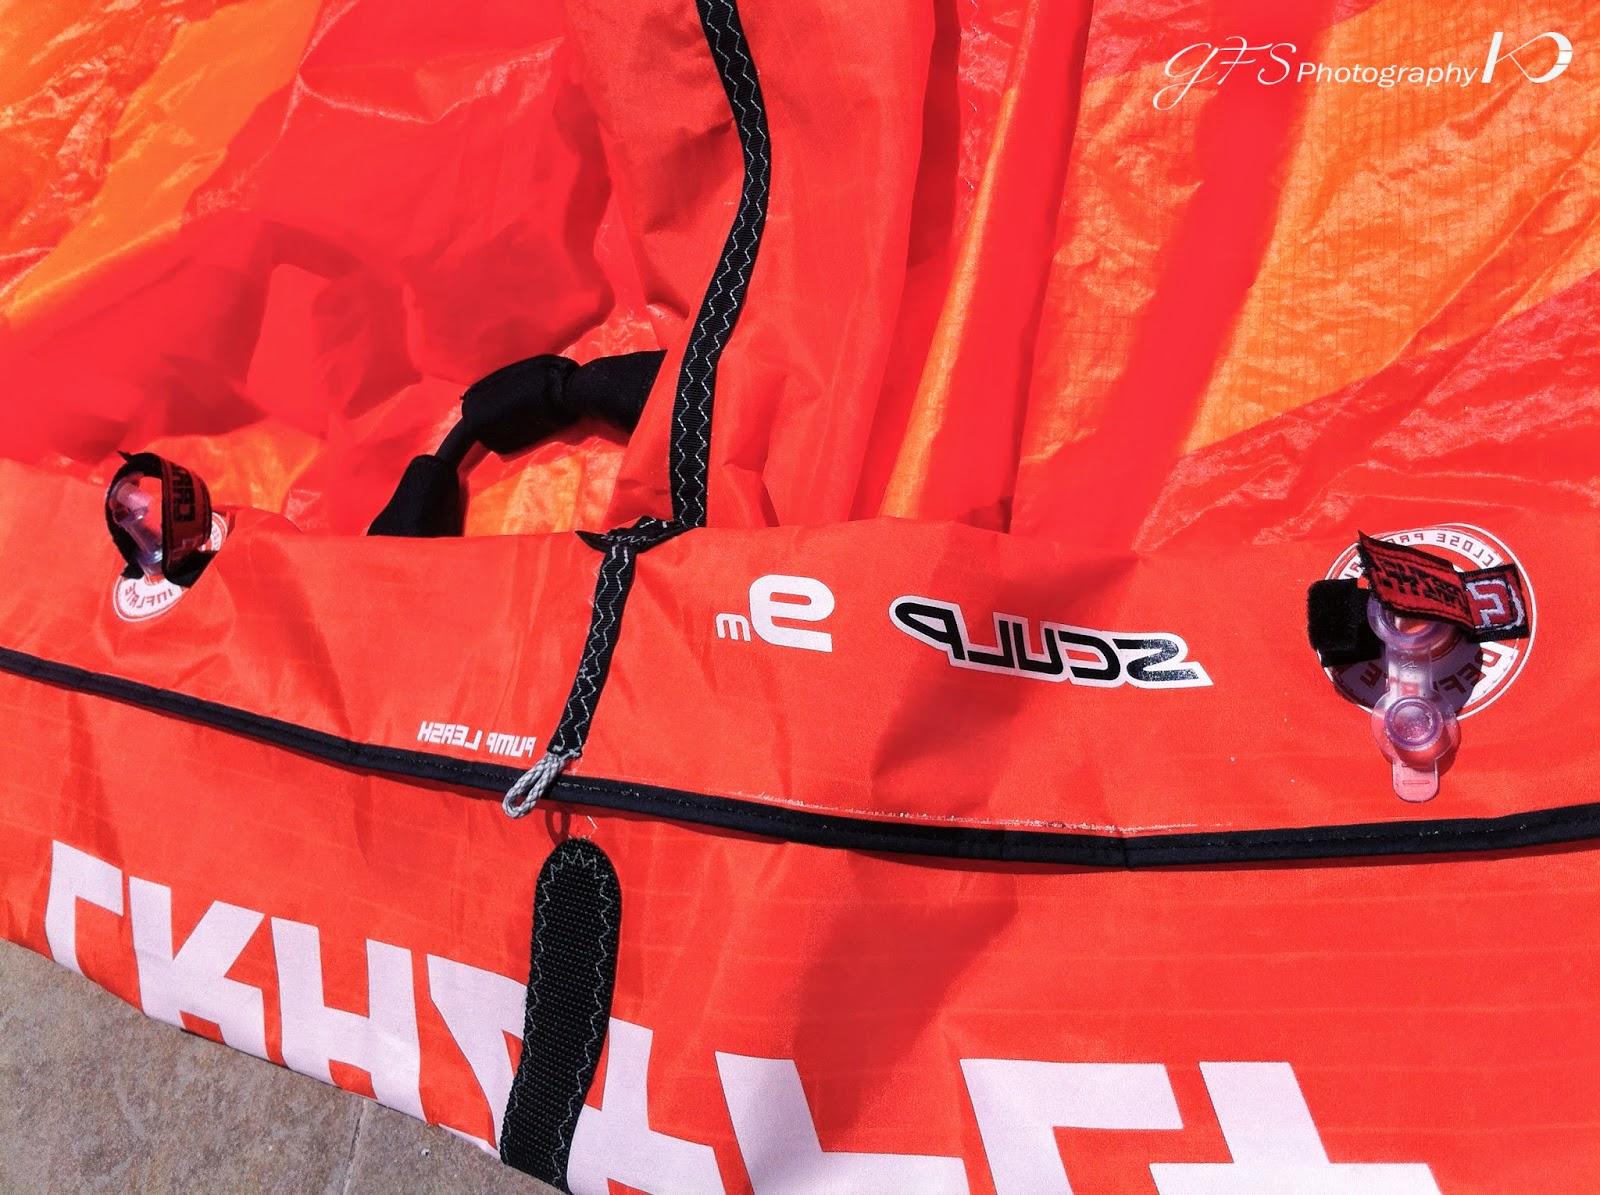 kitesurf kite valves open